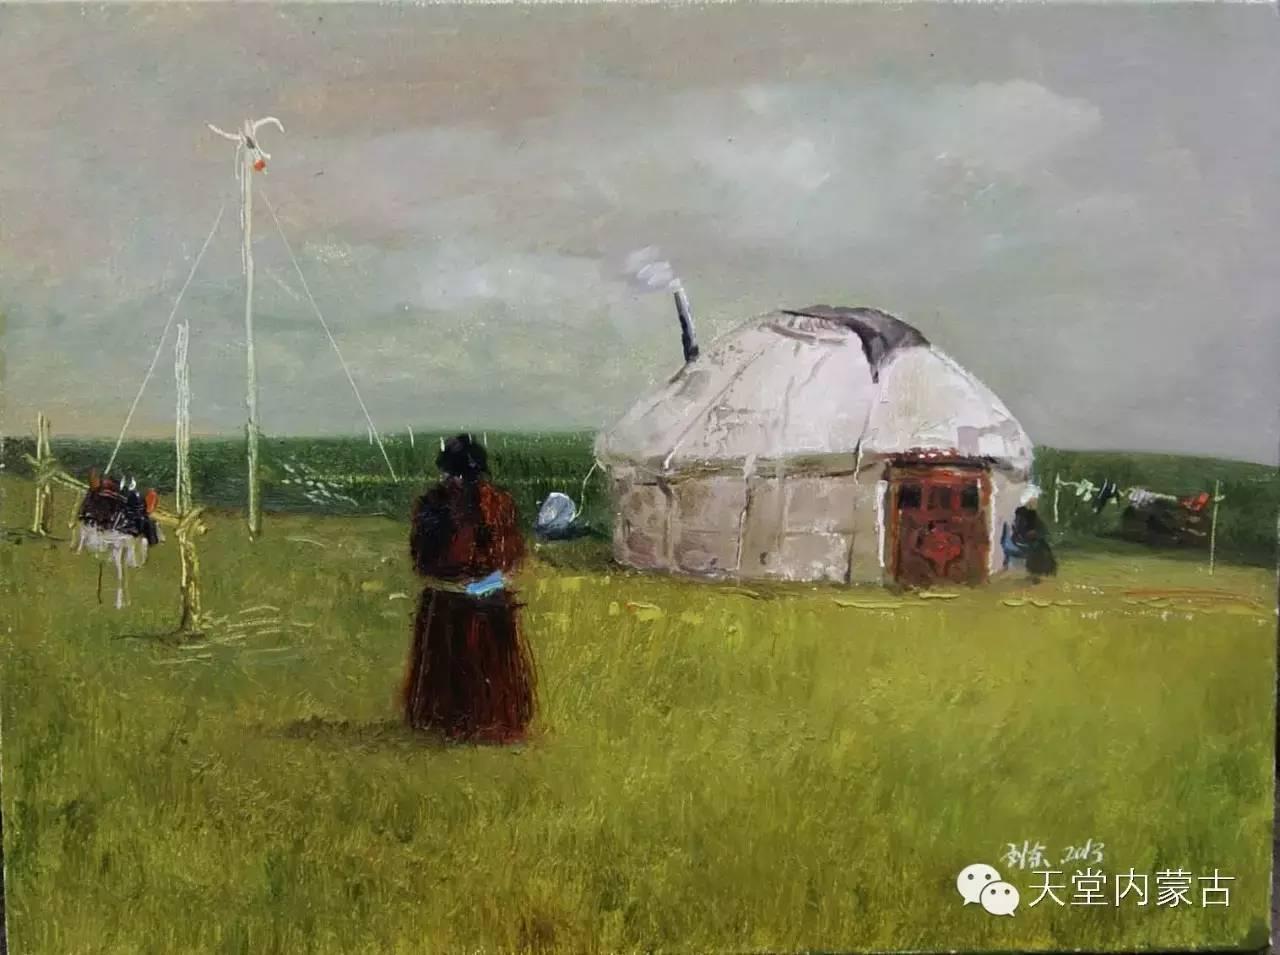 🔴内蒙古画家刘东油画作品 第15张 🔴内蒙古画家刘东油画作品 蒙古画廊